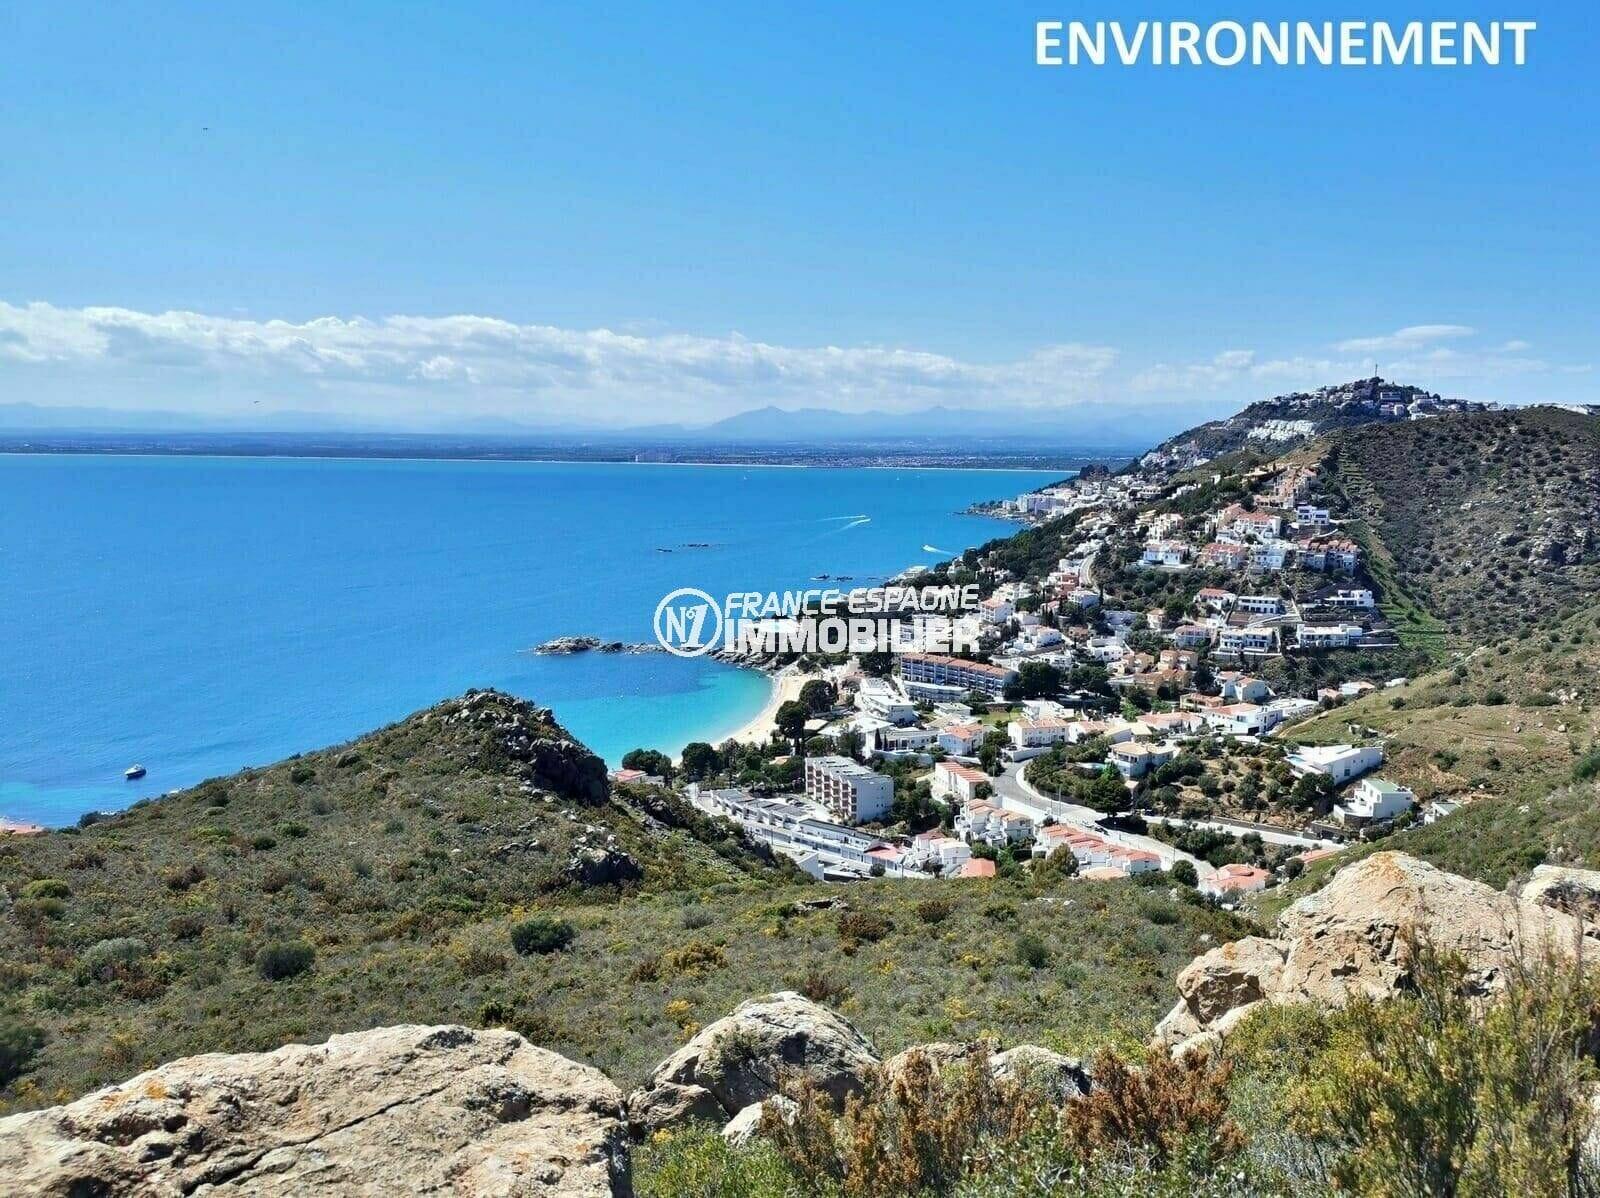 vue panoramique entre mer et montagnes aux environs